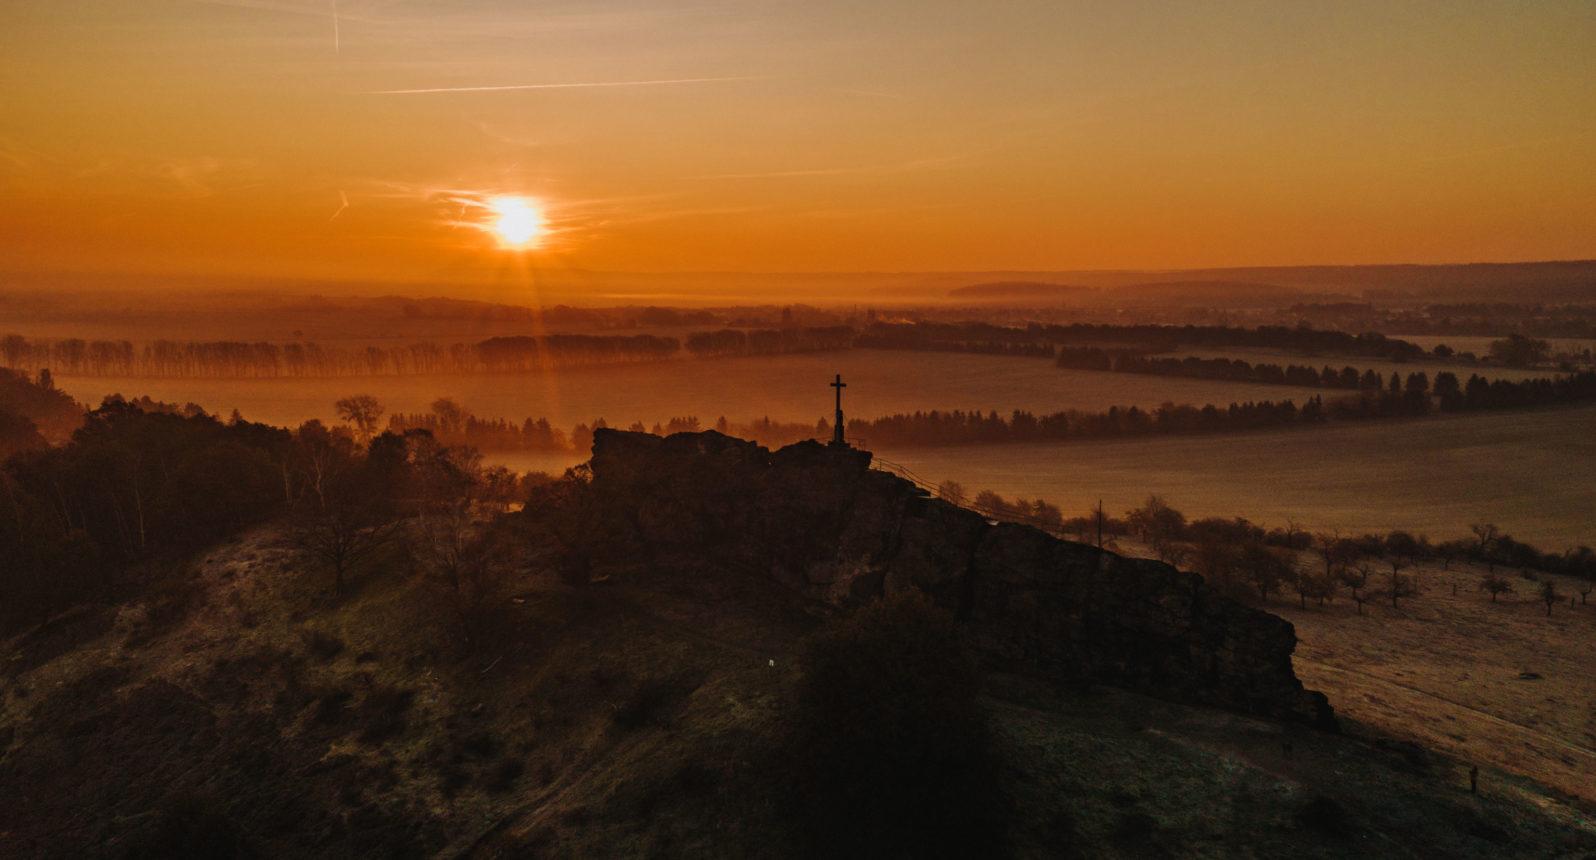 Sonnenaufgang am Gegenstein